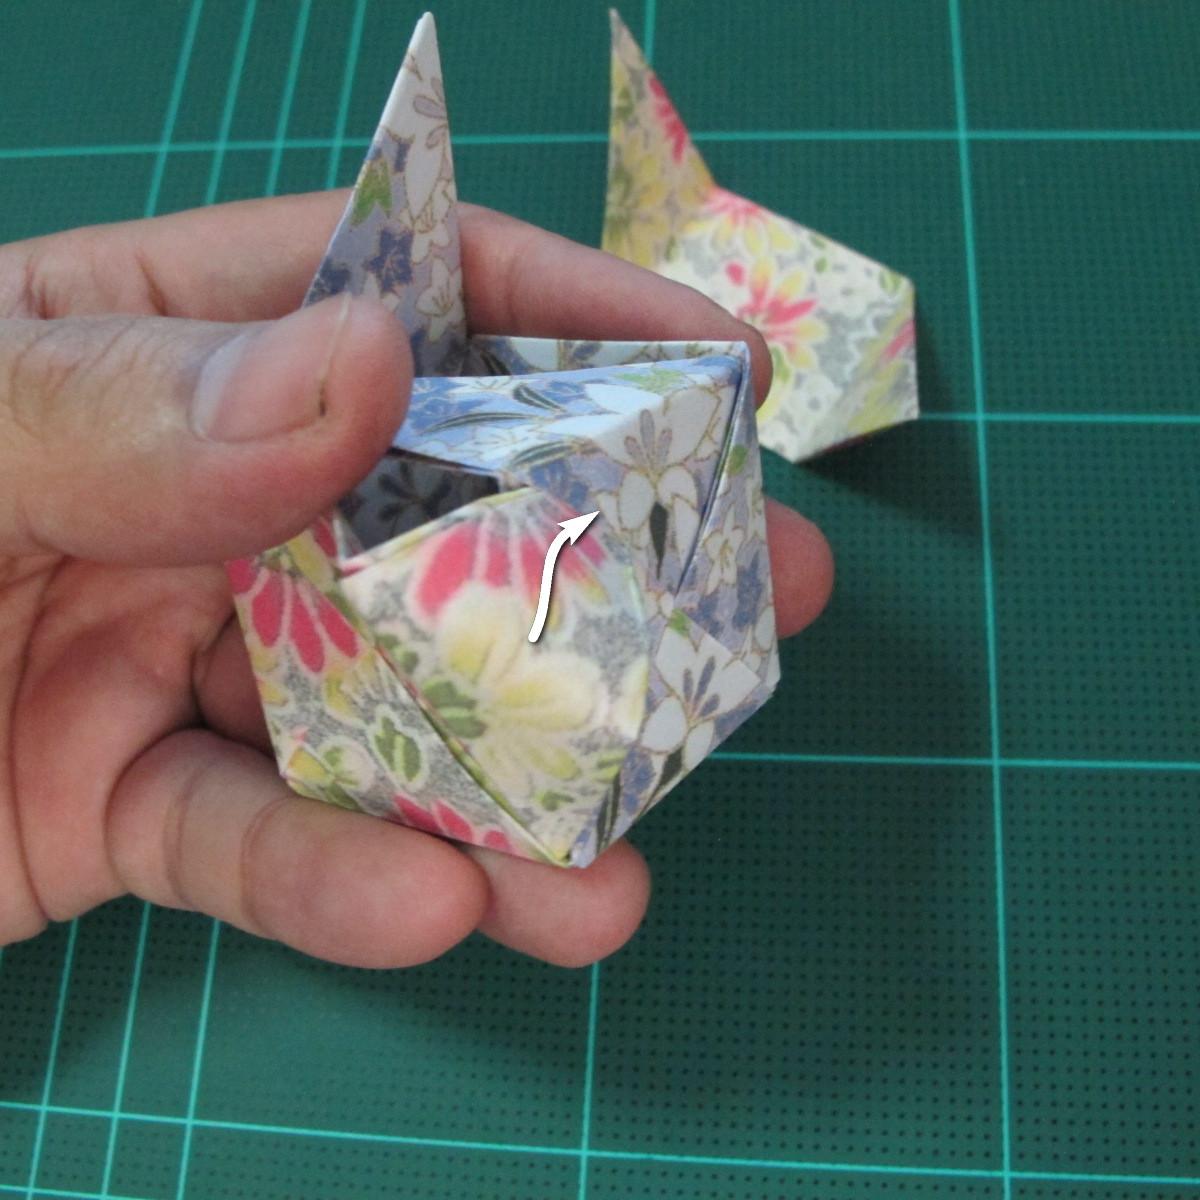 การพับกระดาษเป็นรูปเรขาคณิตทรงลูกบาศก์แบบแยกชิ้นประกอบ (Modular Origami Cube) 031